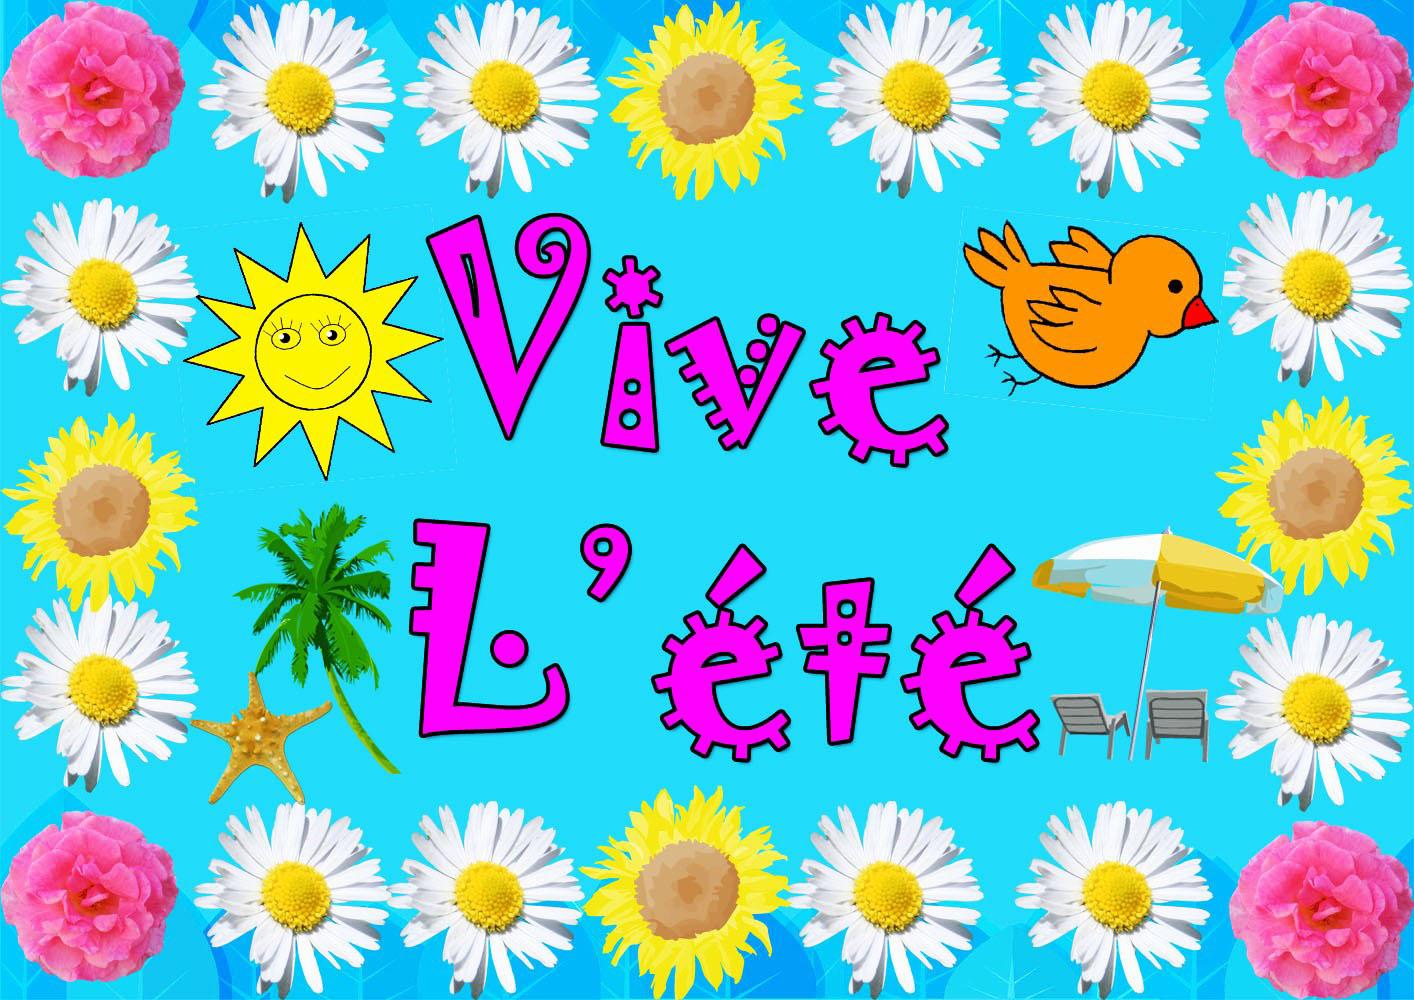 Discussion sur l'étoile du 9 juin     2019 - Page 3 Vive-l%C3%A9t%C3%A9